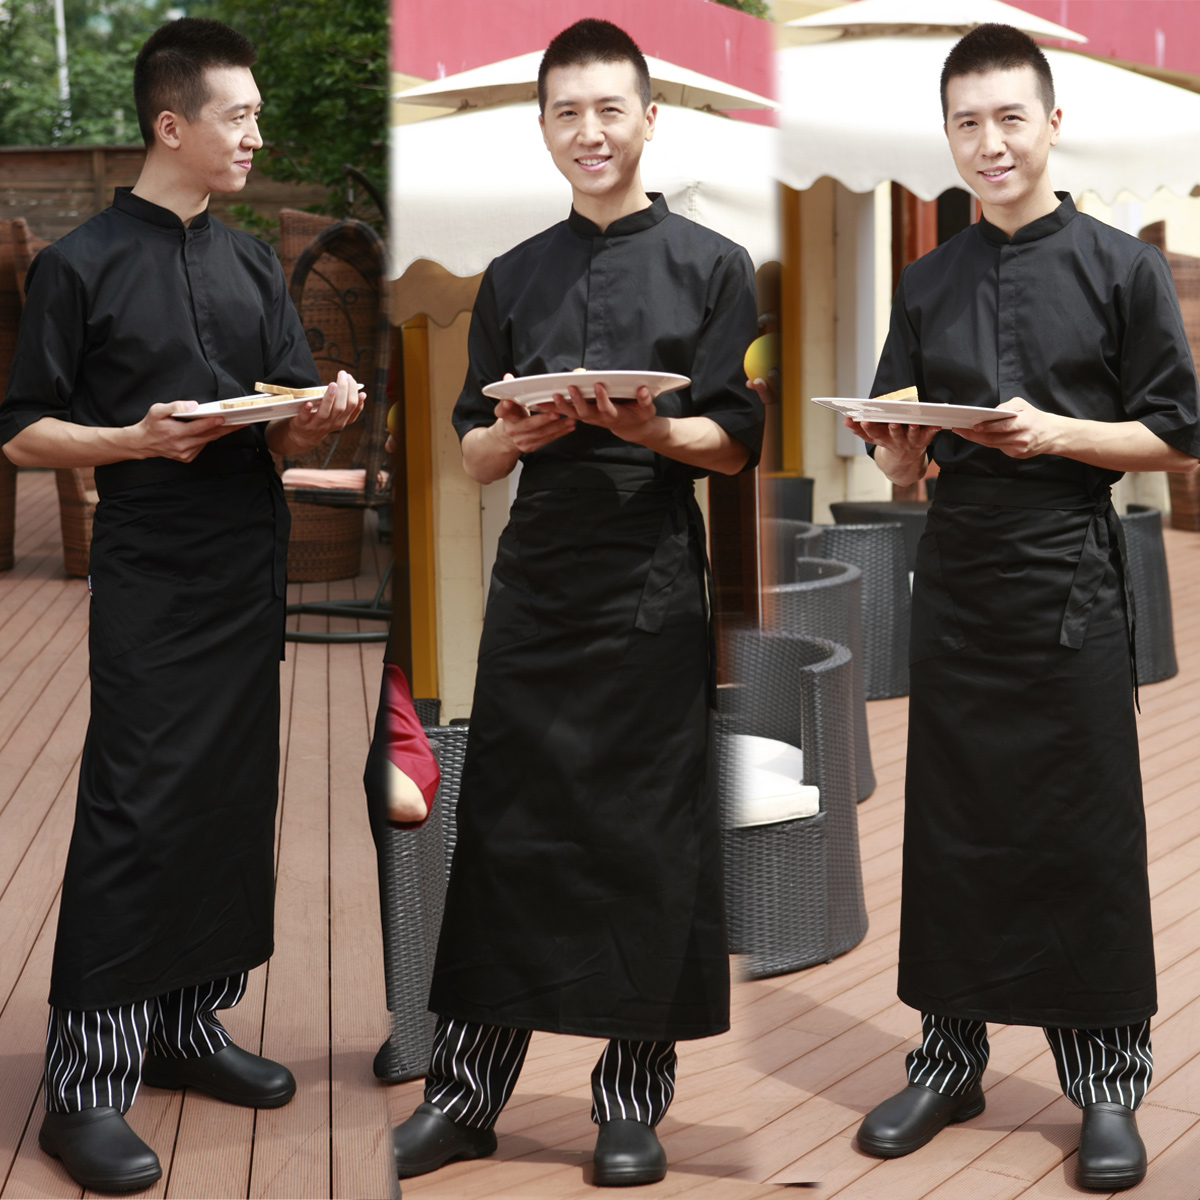 Server Uniforms 04